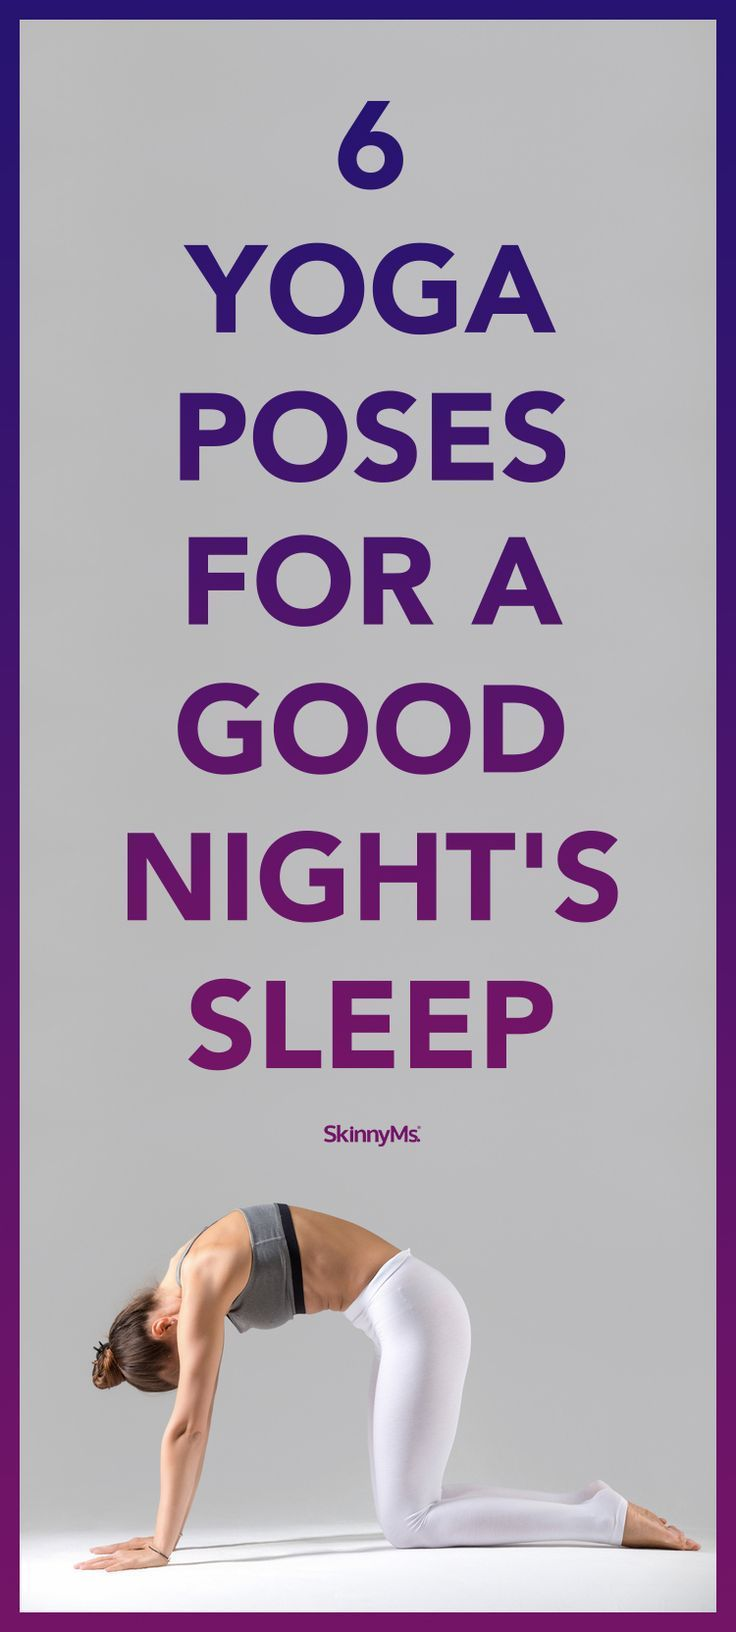 Yoga Poses for A Good Nightus Sleep